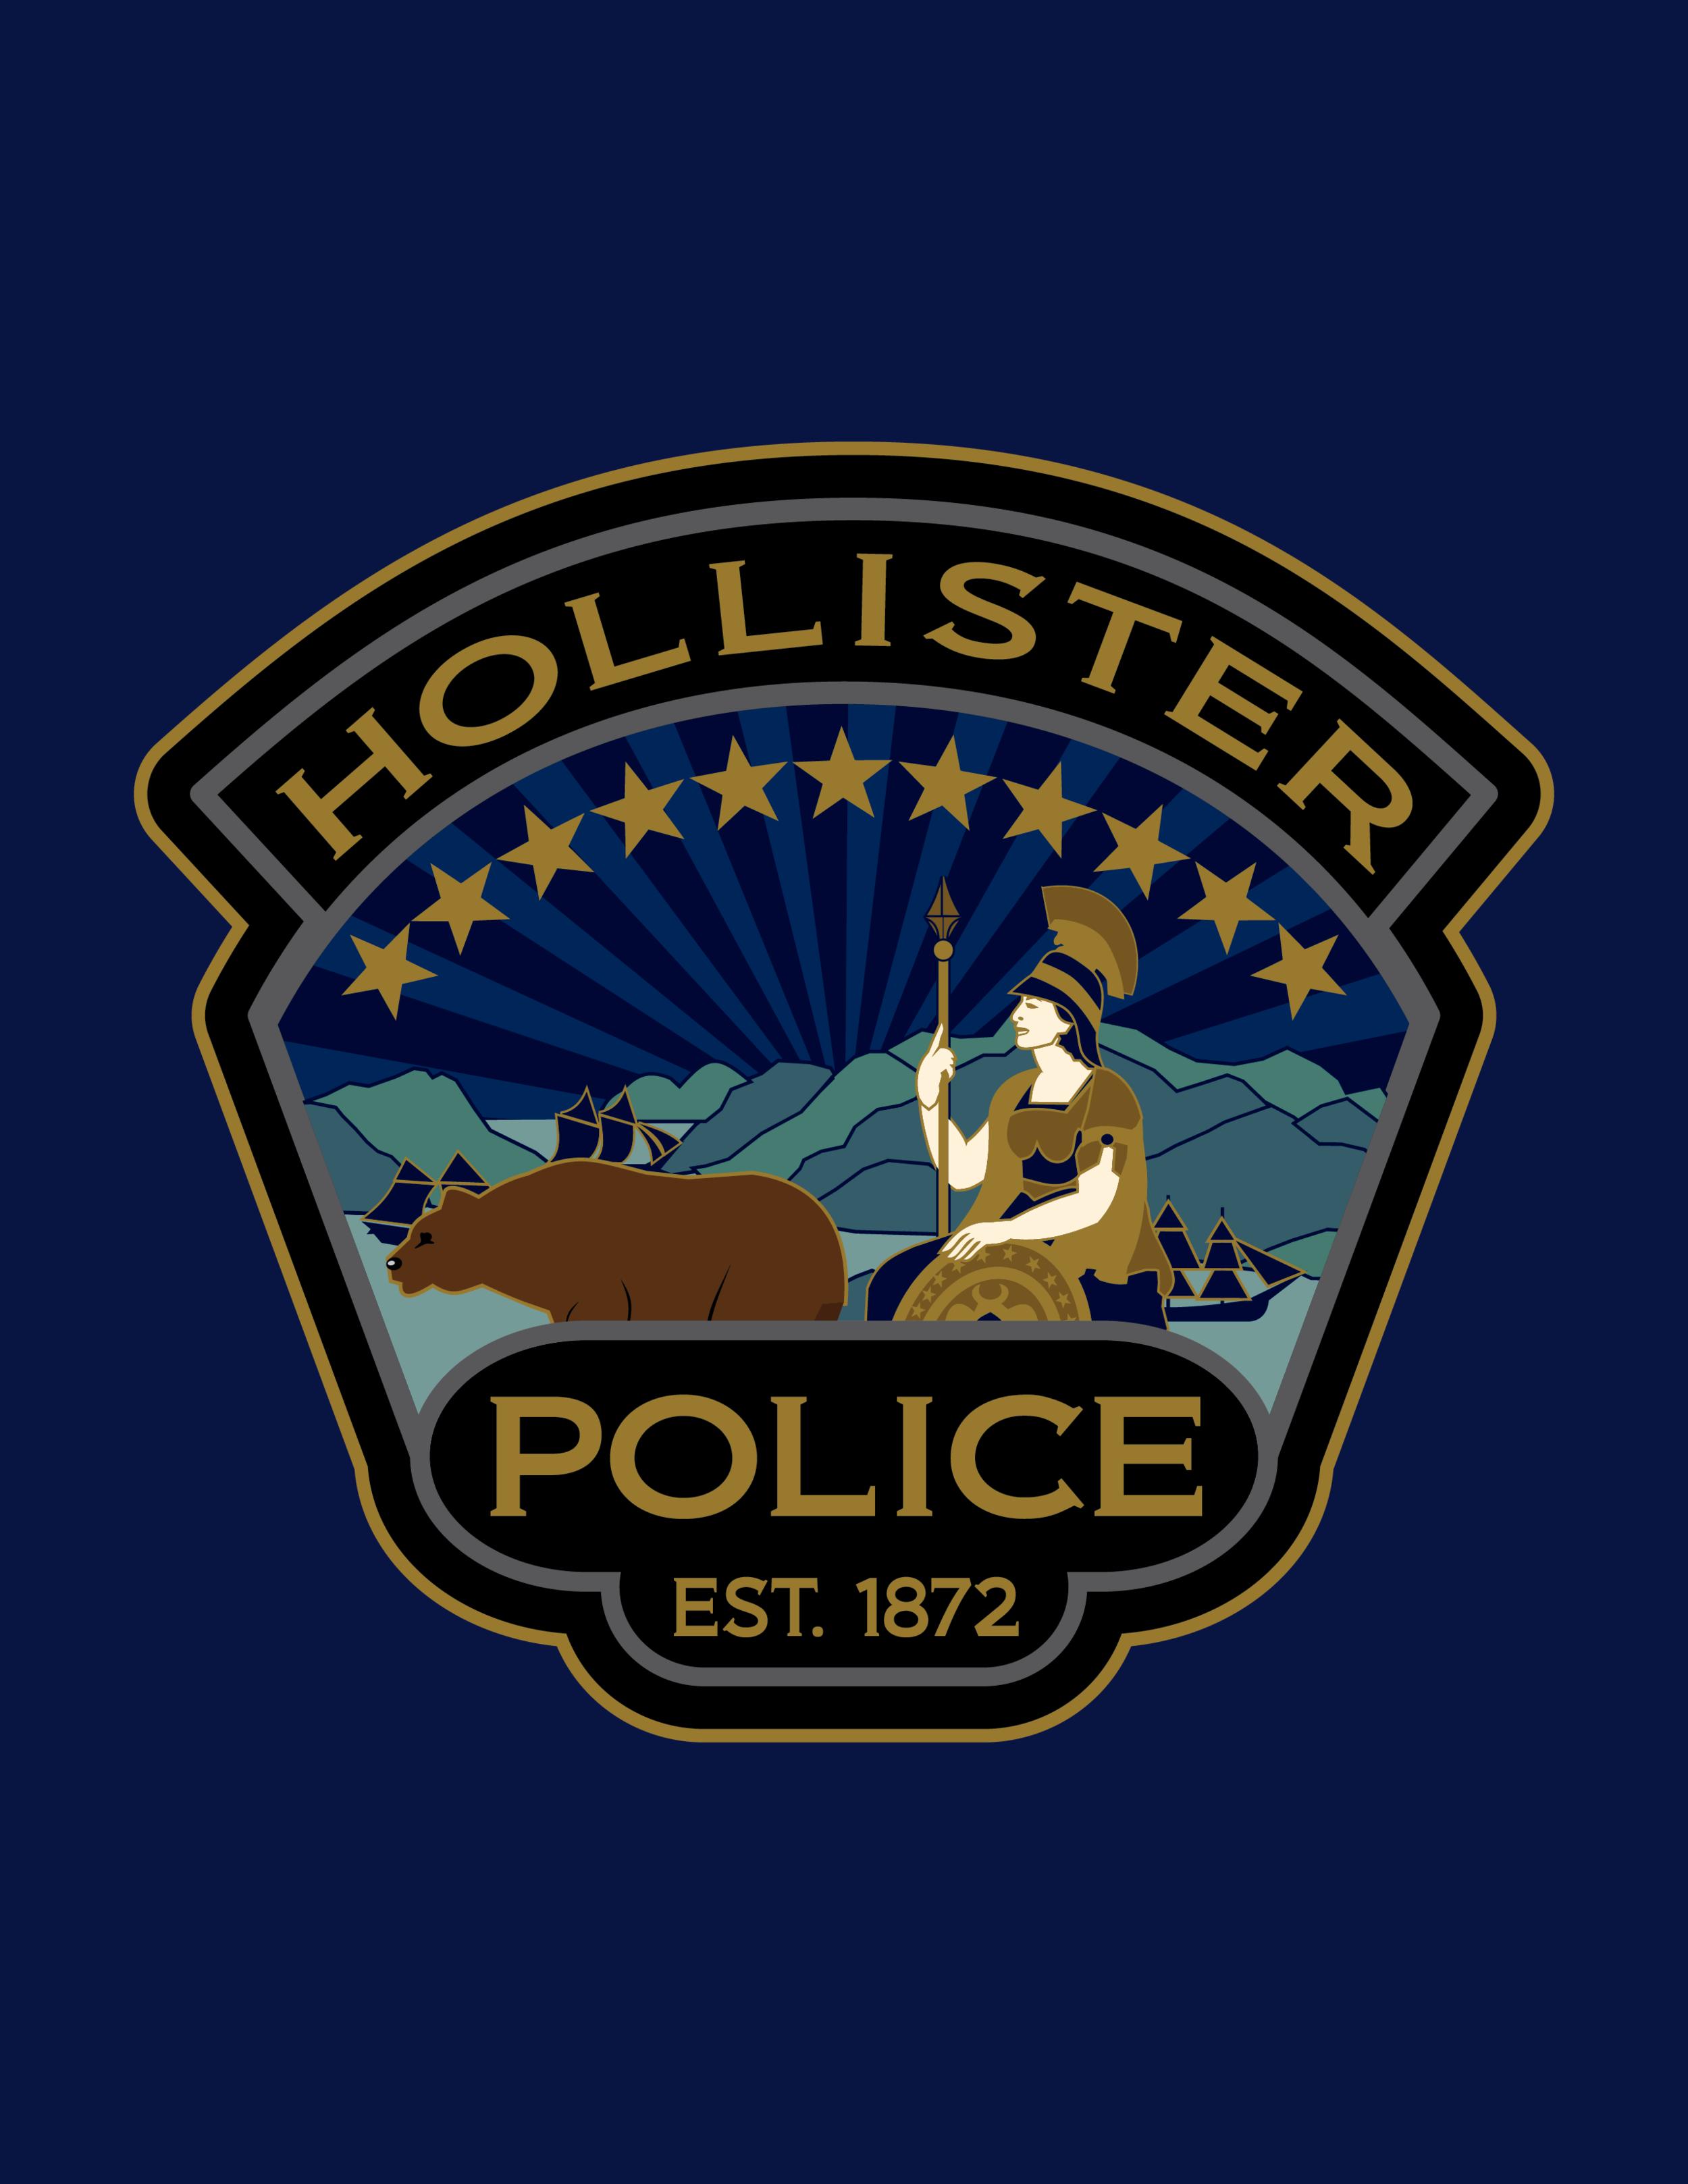 HollisPolice.png